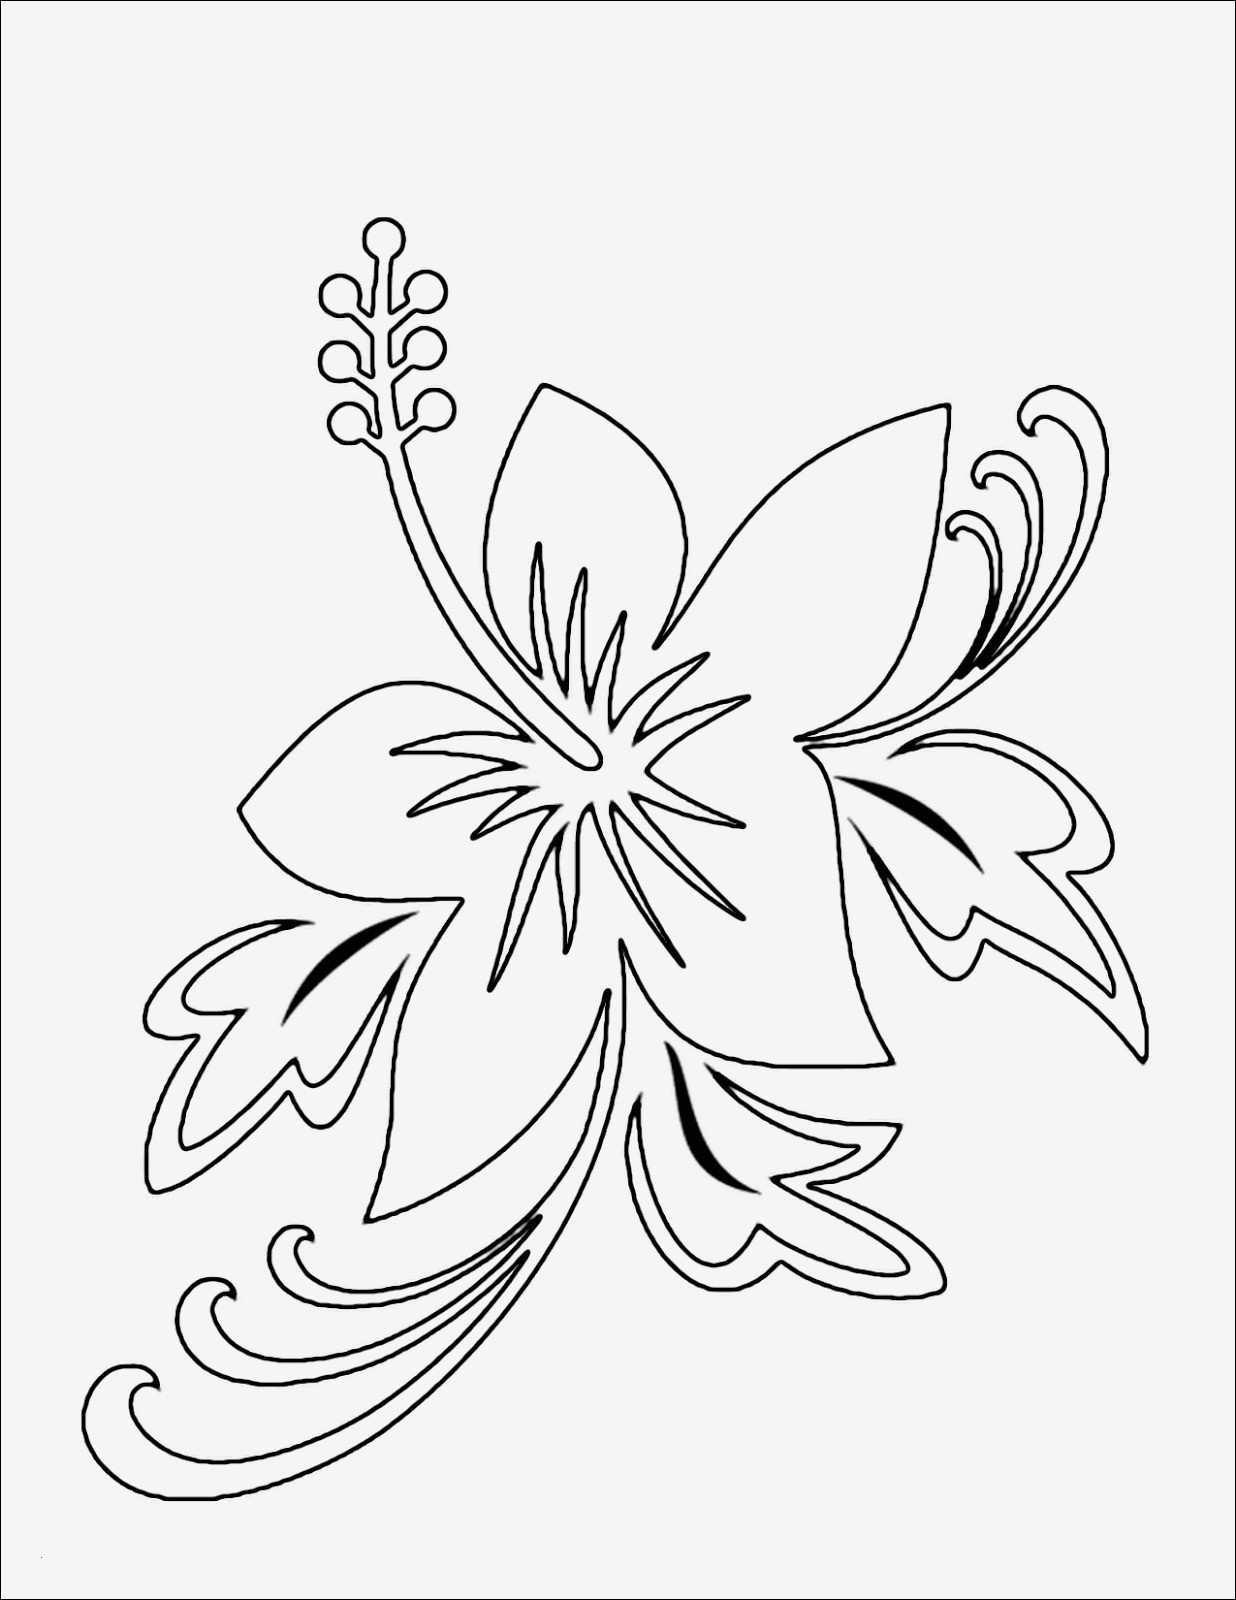 Malvorlage Blumen ornamente Frisch Gratis Malvorlagen Blumen Ebenbild 35 Schön Malvorlagen ornamente Bild